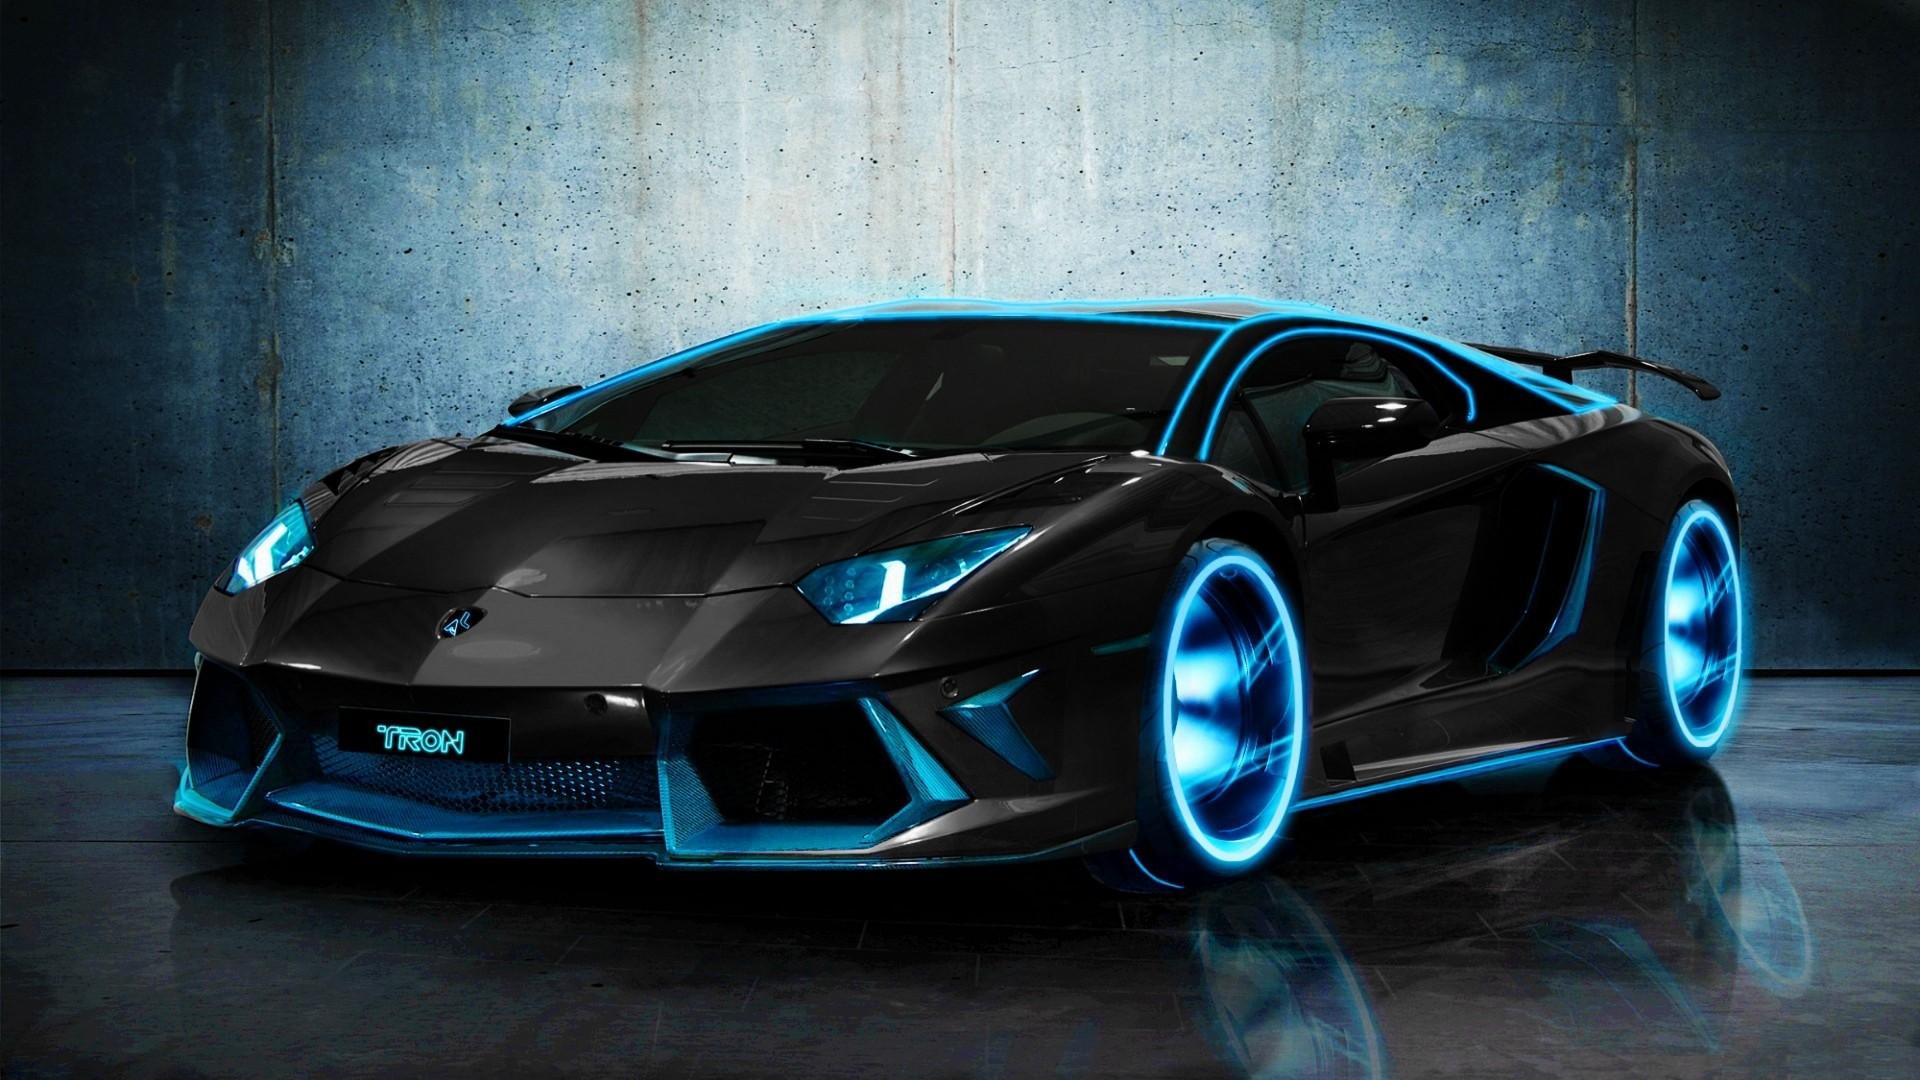 Auto___Lamborghini_New_car_Lamborghini_Avendator_2014__067318_.jpg